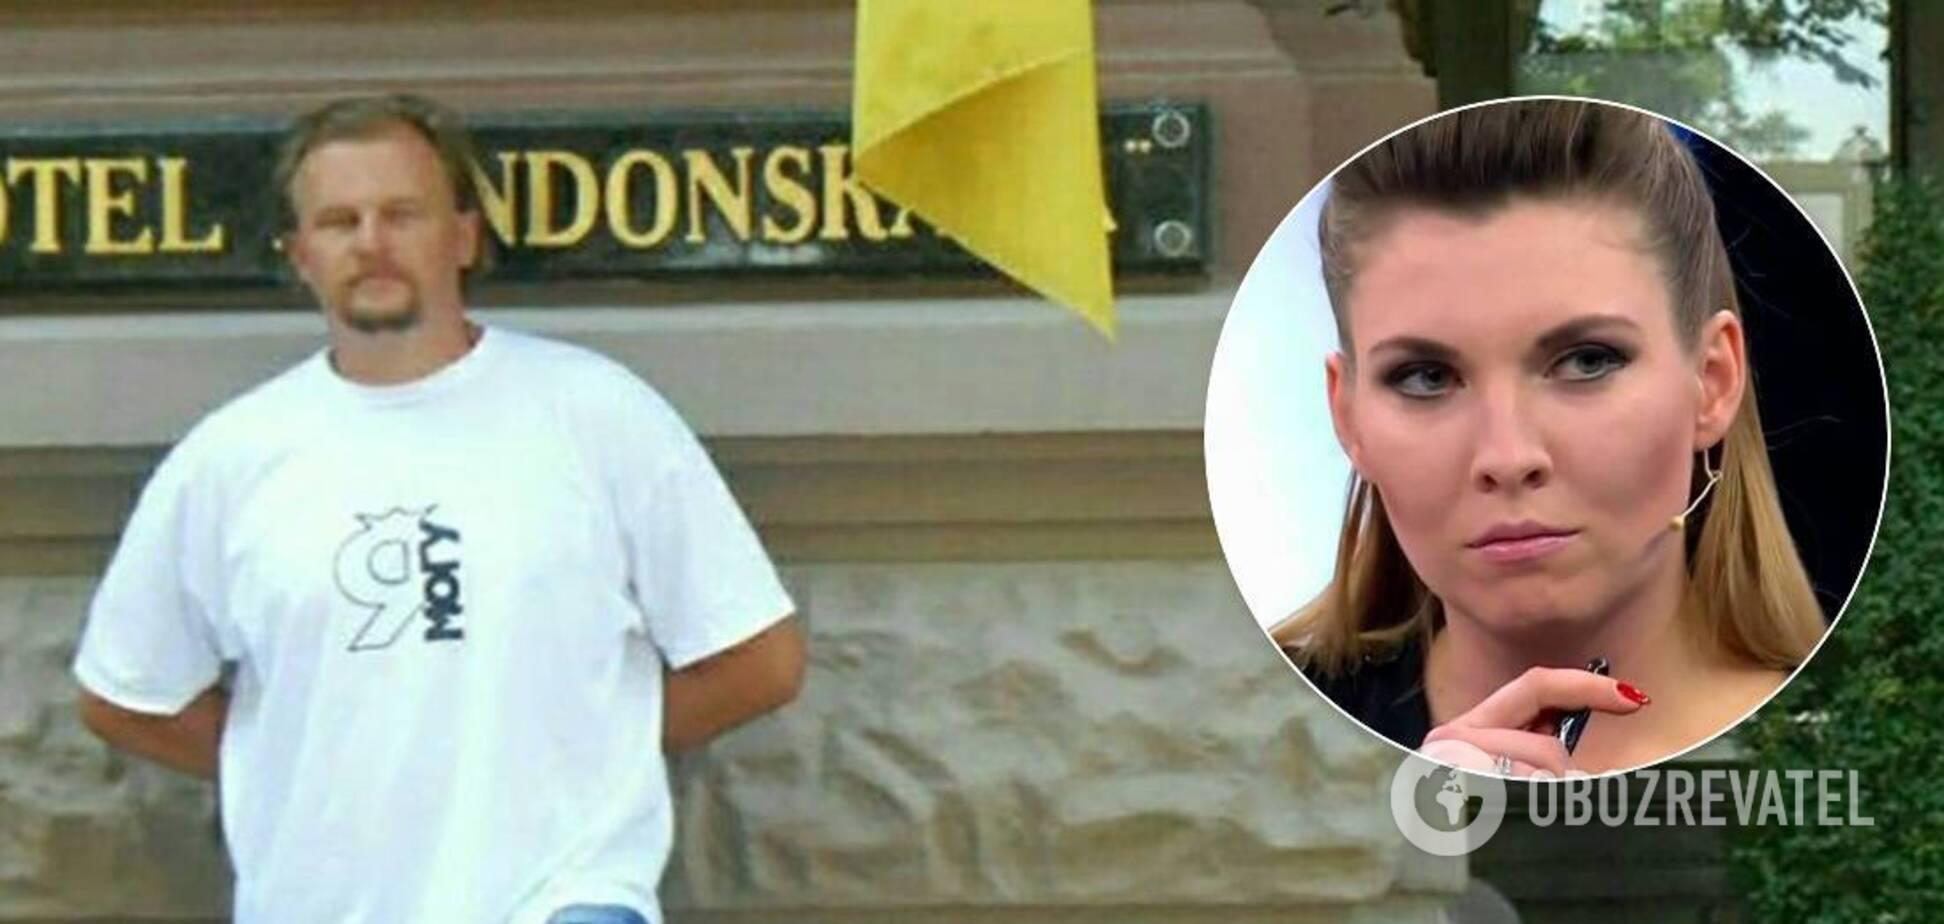 Російські пропагандисти розкрутили акаунти луцького терориста Кривоша